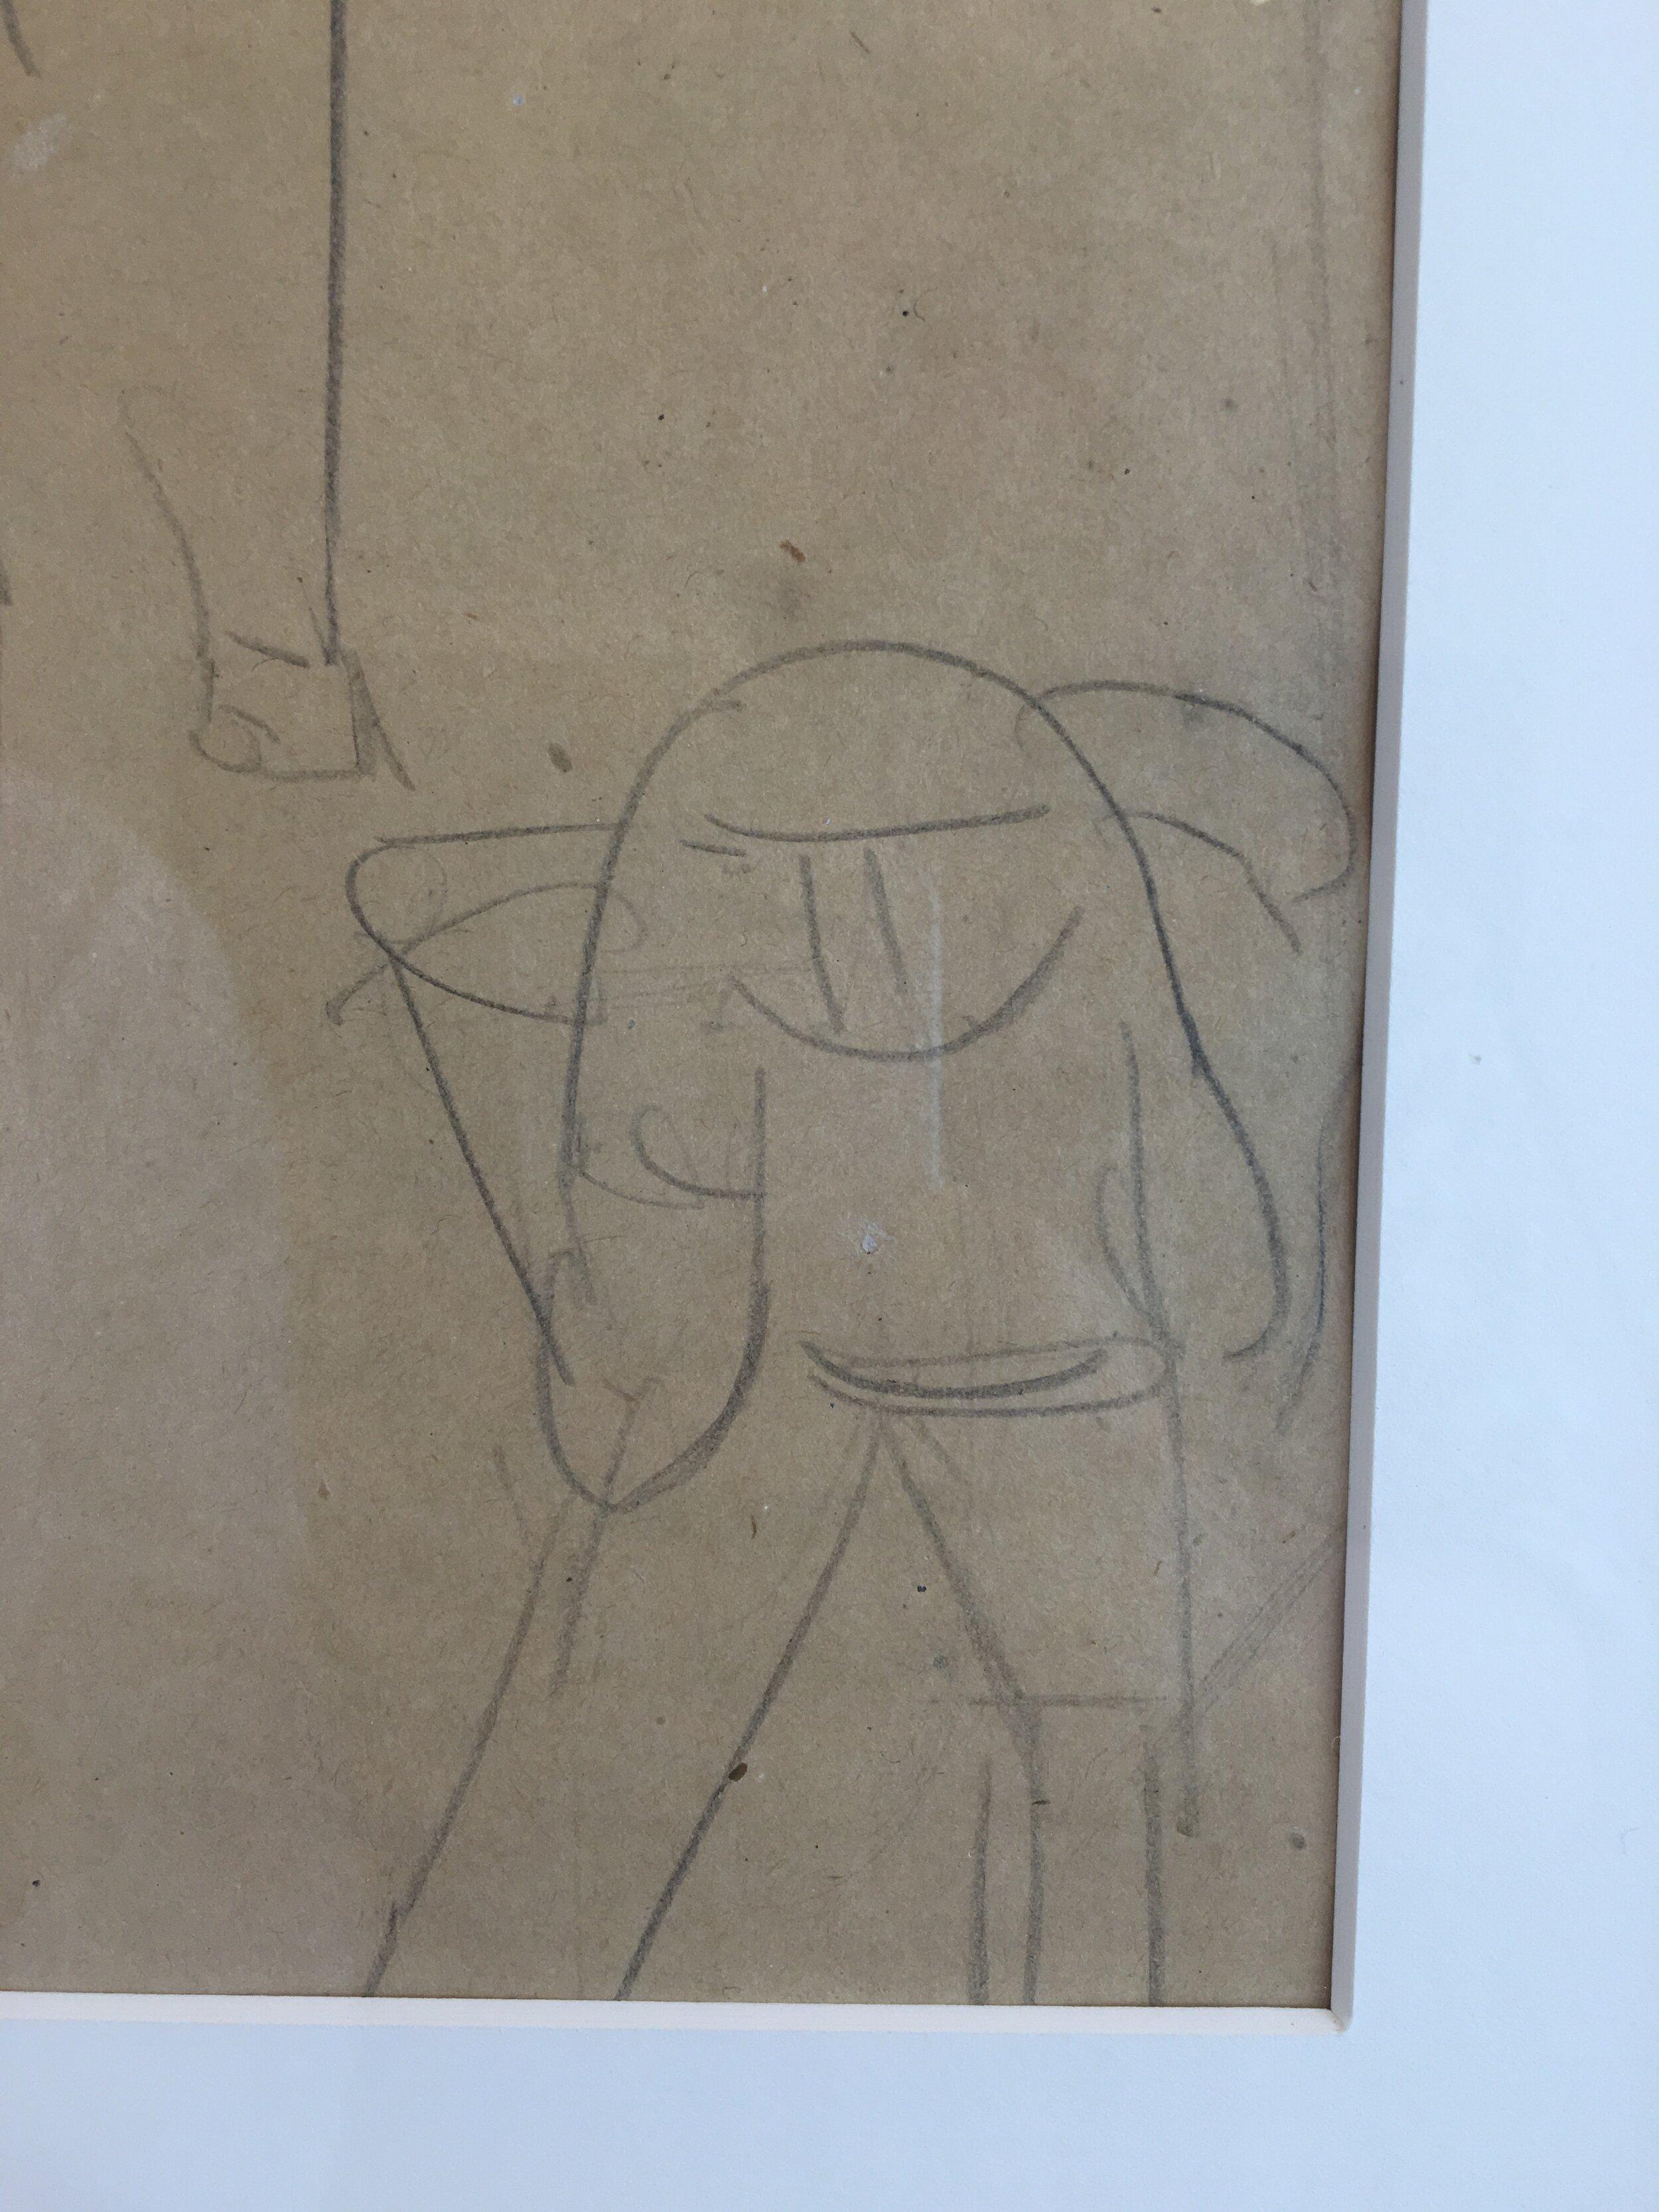 Rufino Tamayo drawing - Magave Pickers (close up)